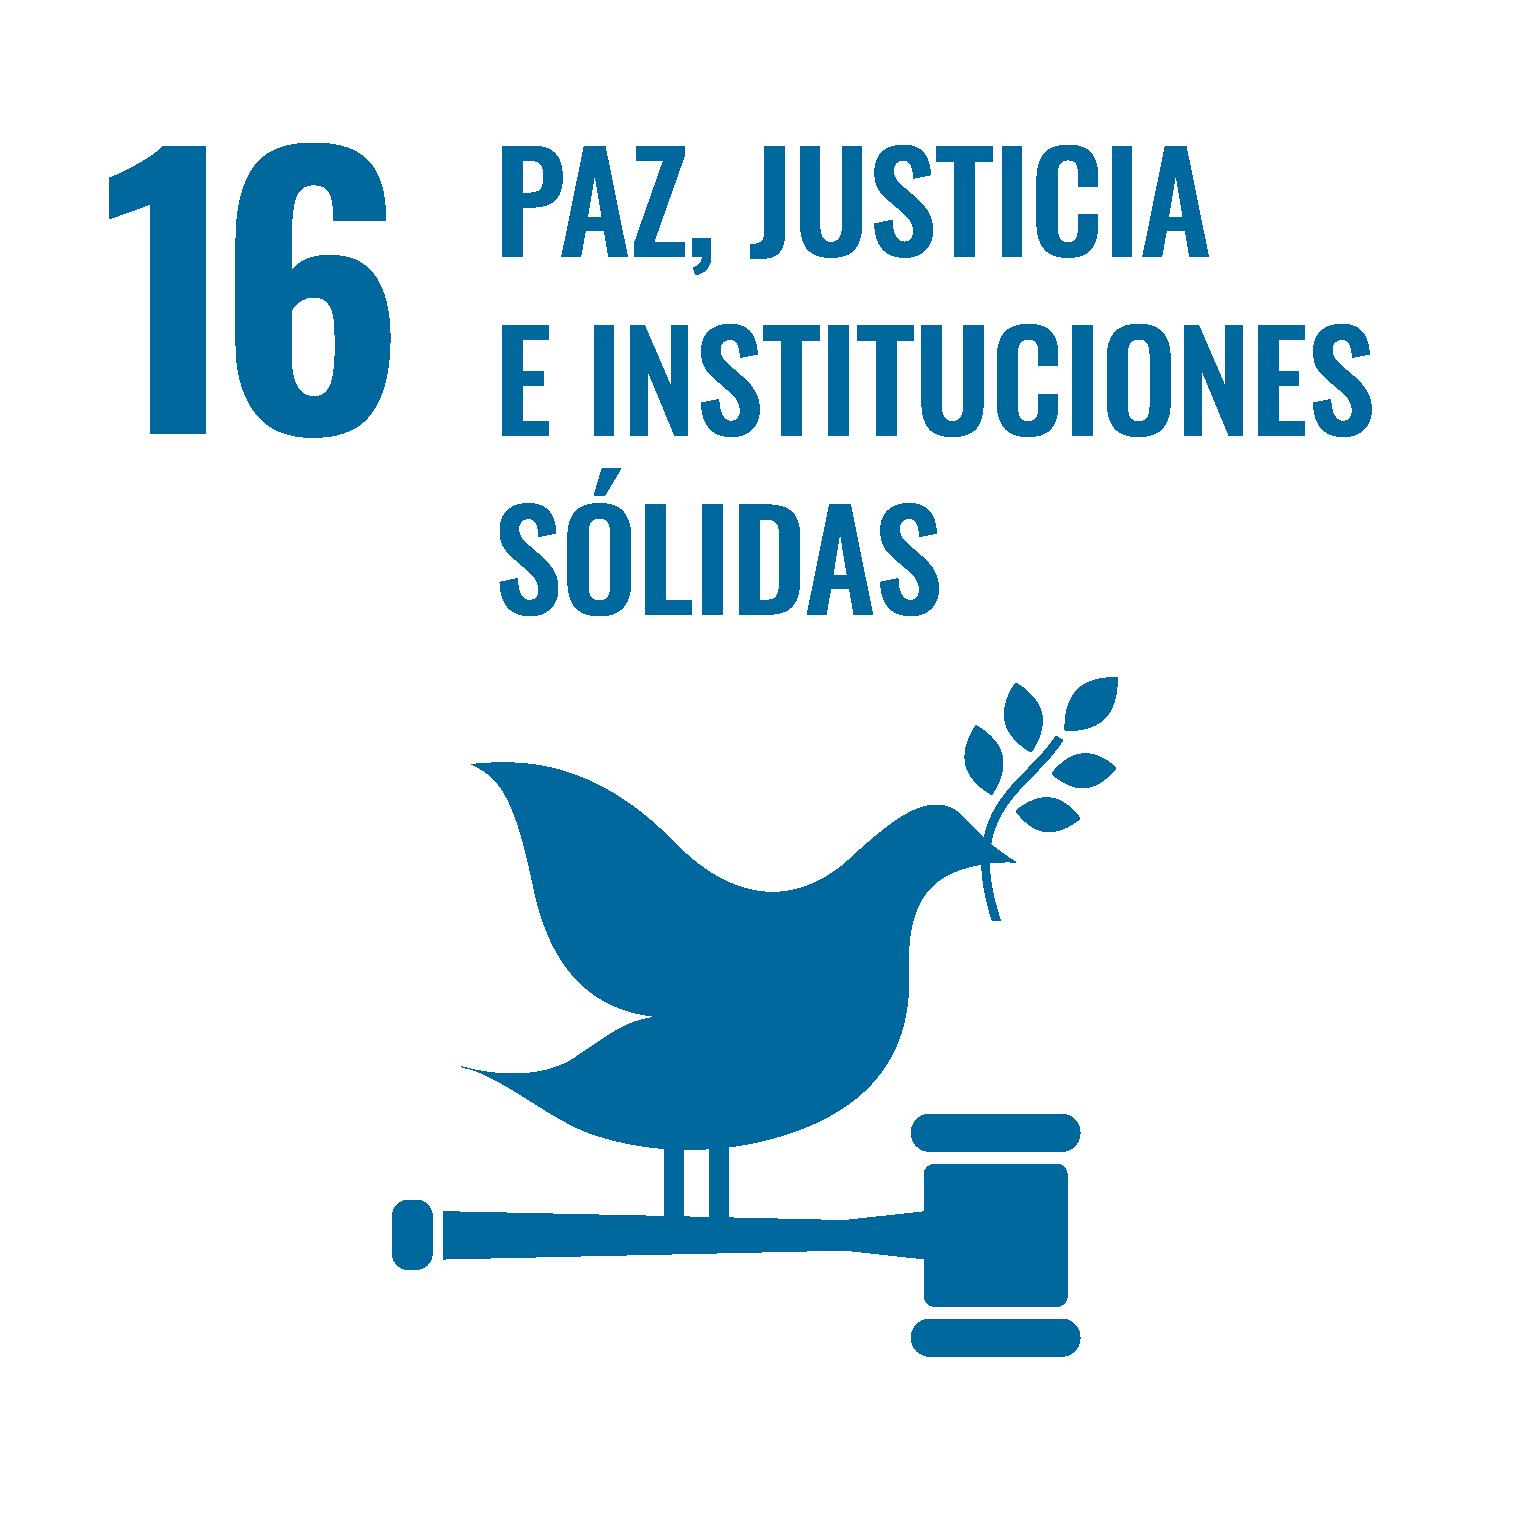 Paz, Justicia, Instituciones sólidas